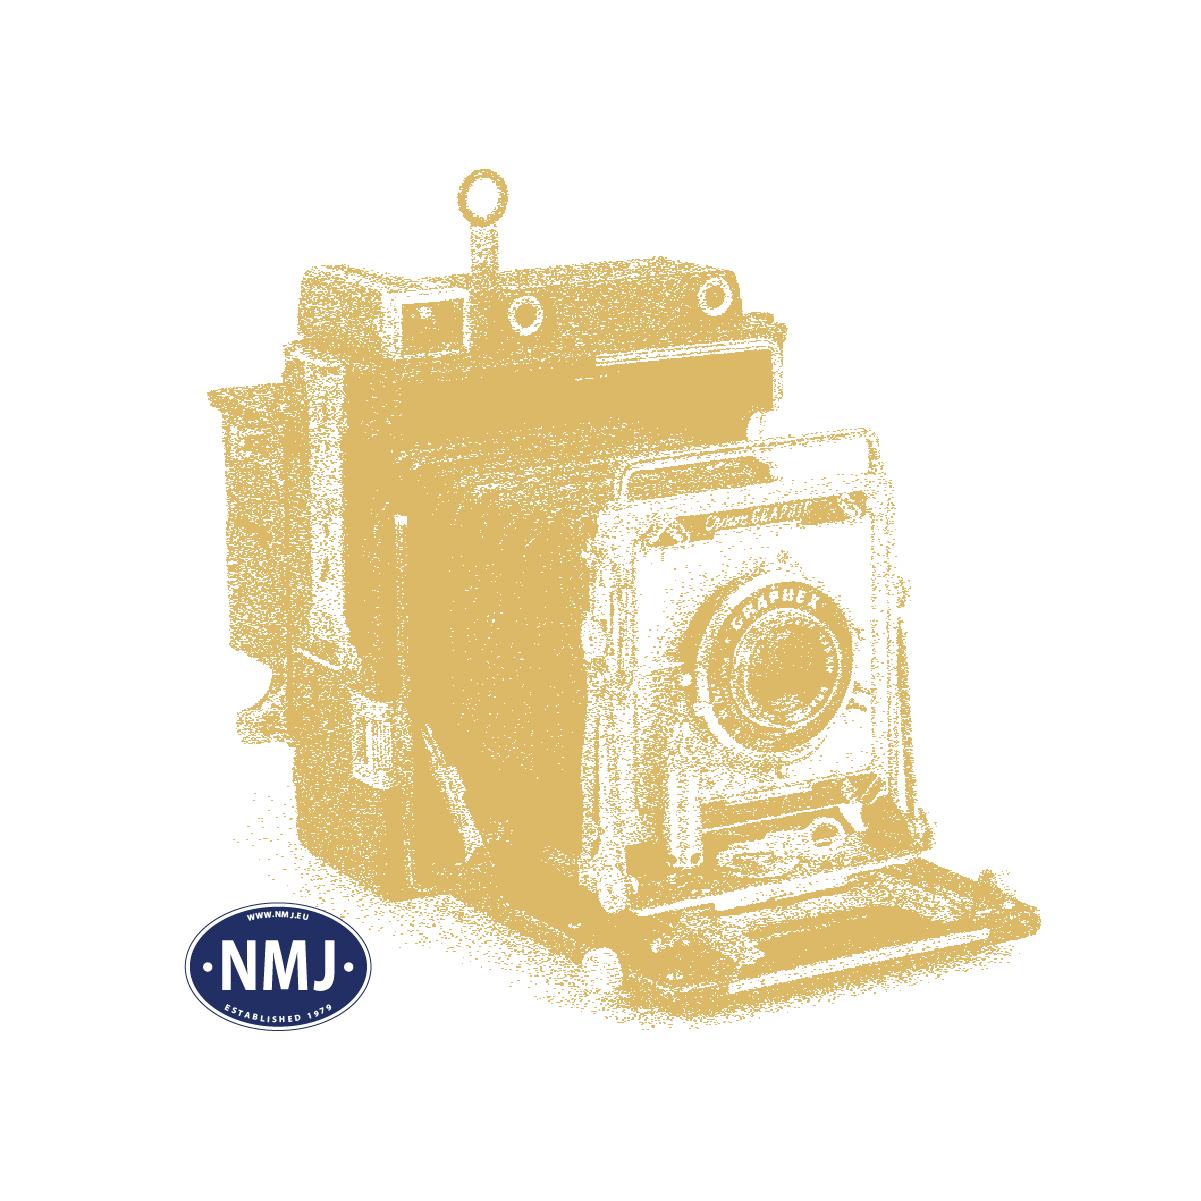 NMJ025005 - NMJ Superline Modell des Abteilwagens B10 25005 der NSB Spur 0